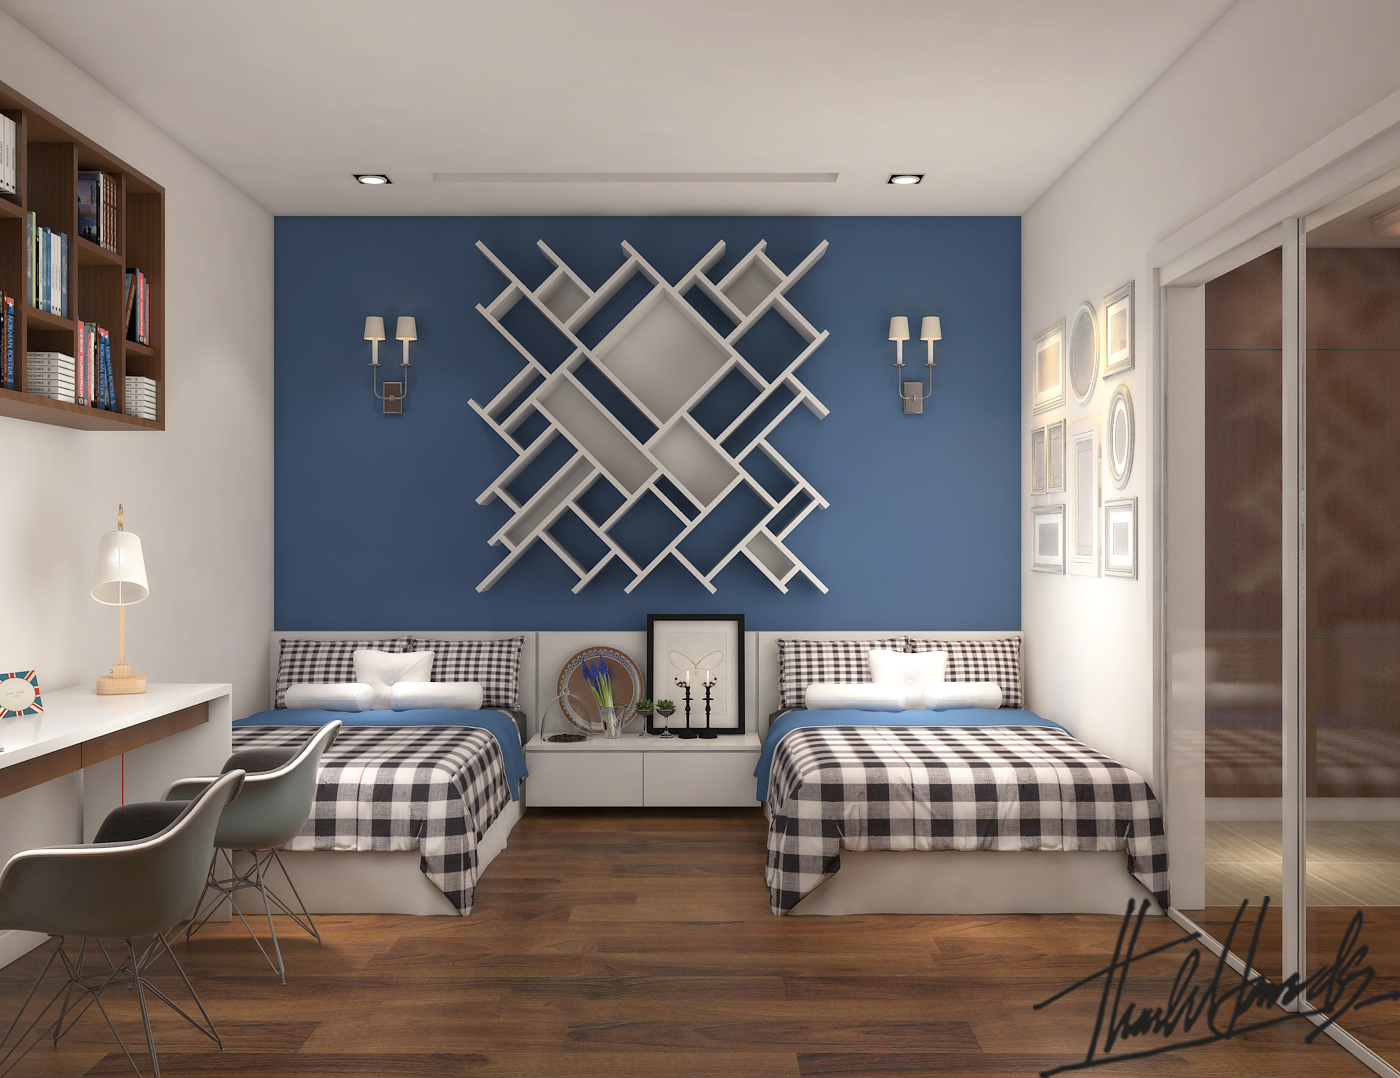 thiết kế nội thất chung cư tại Hà Nội chung cư roya city 8 1568274332